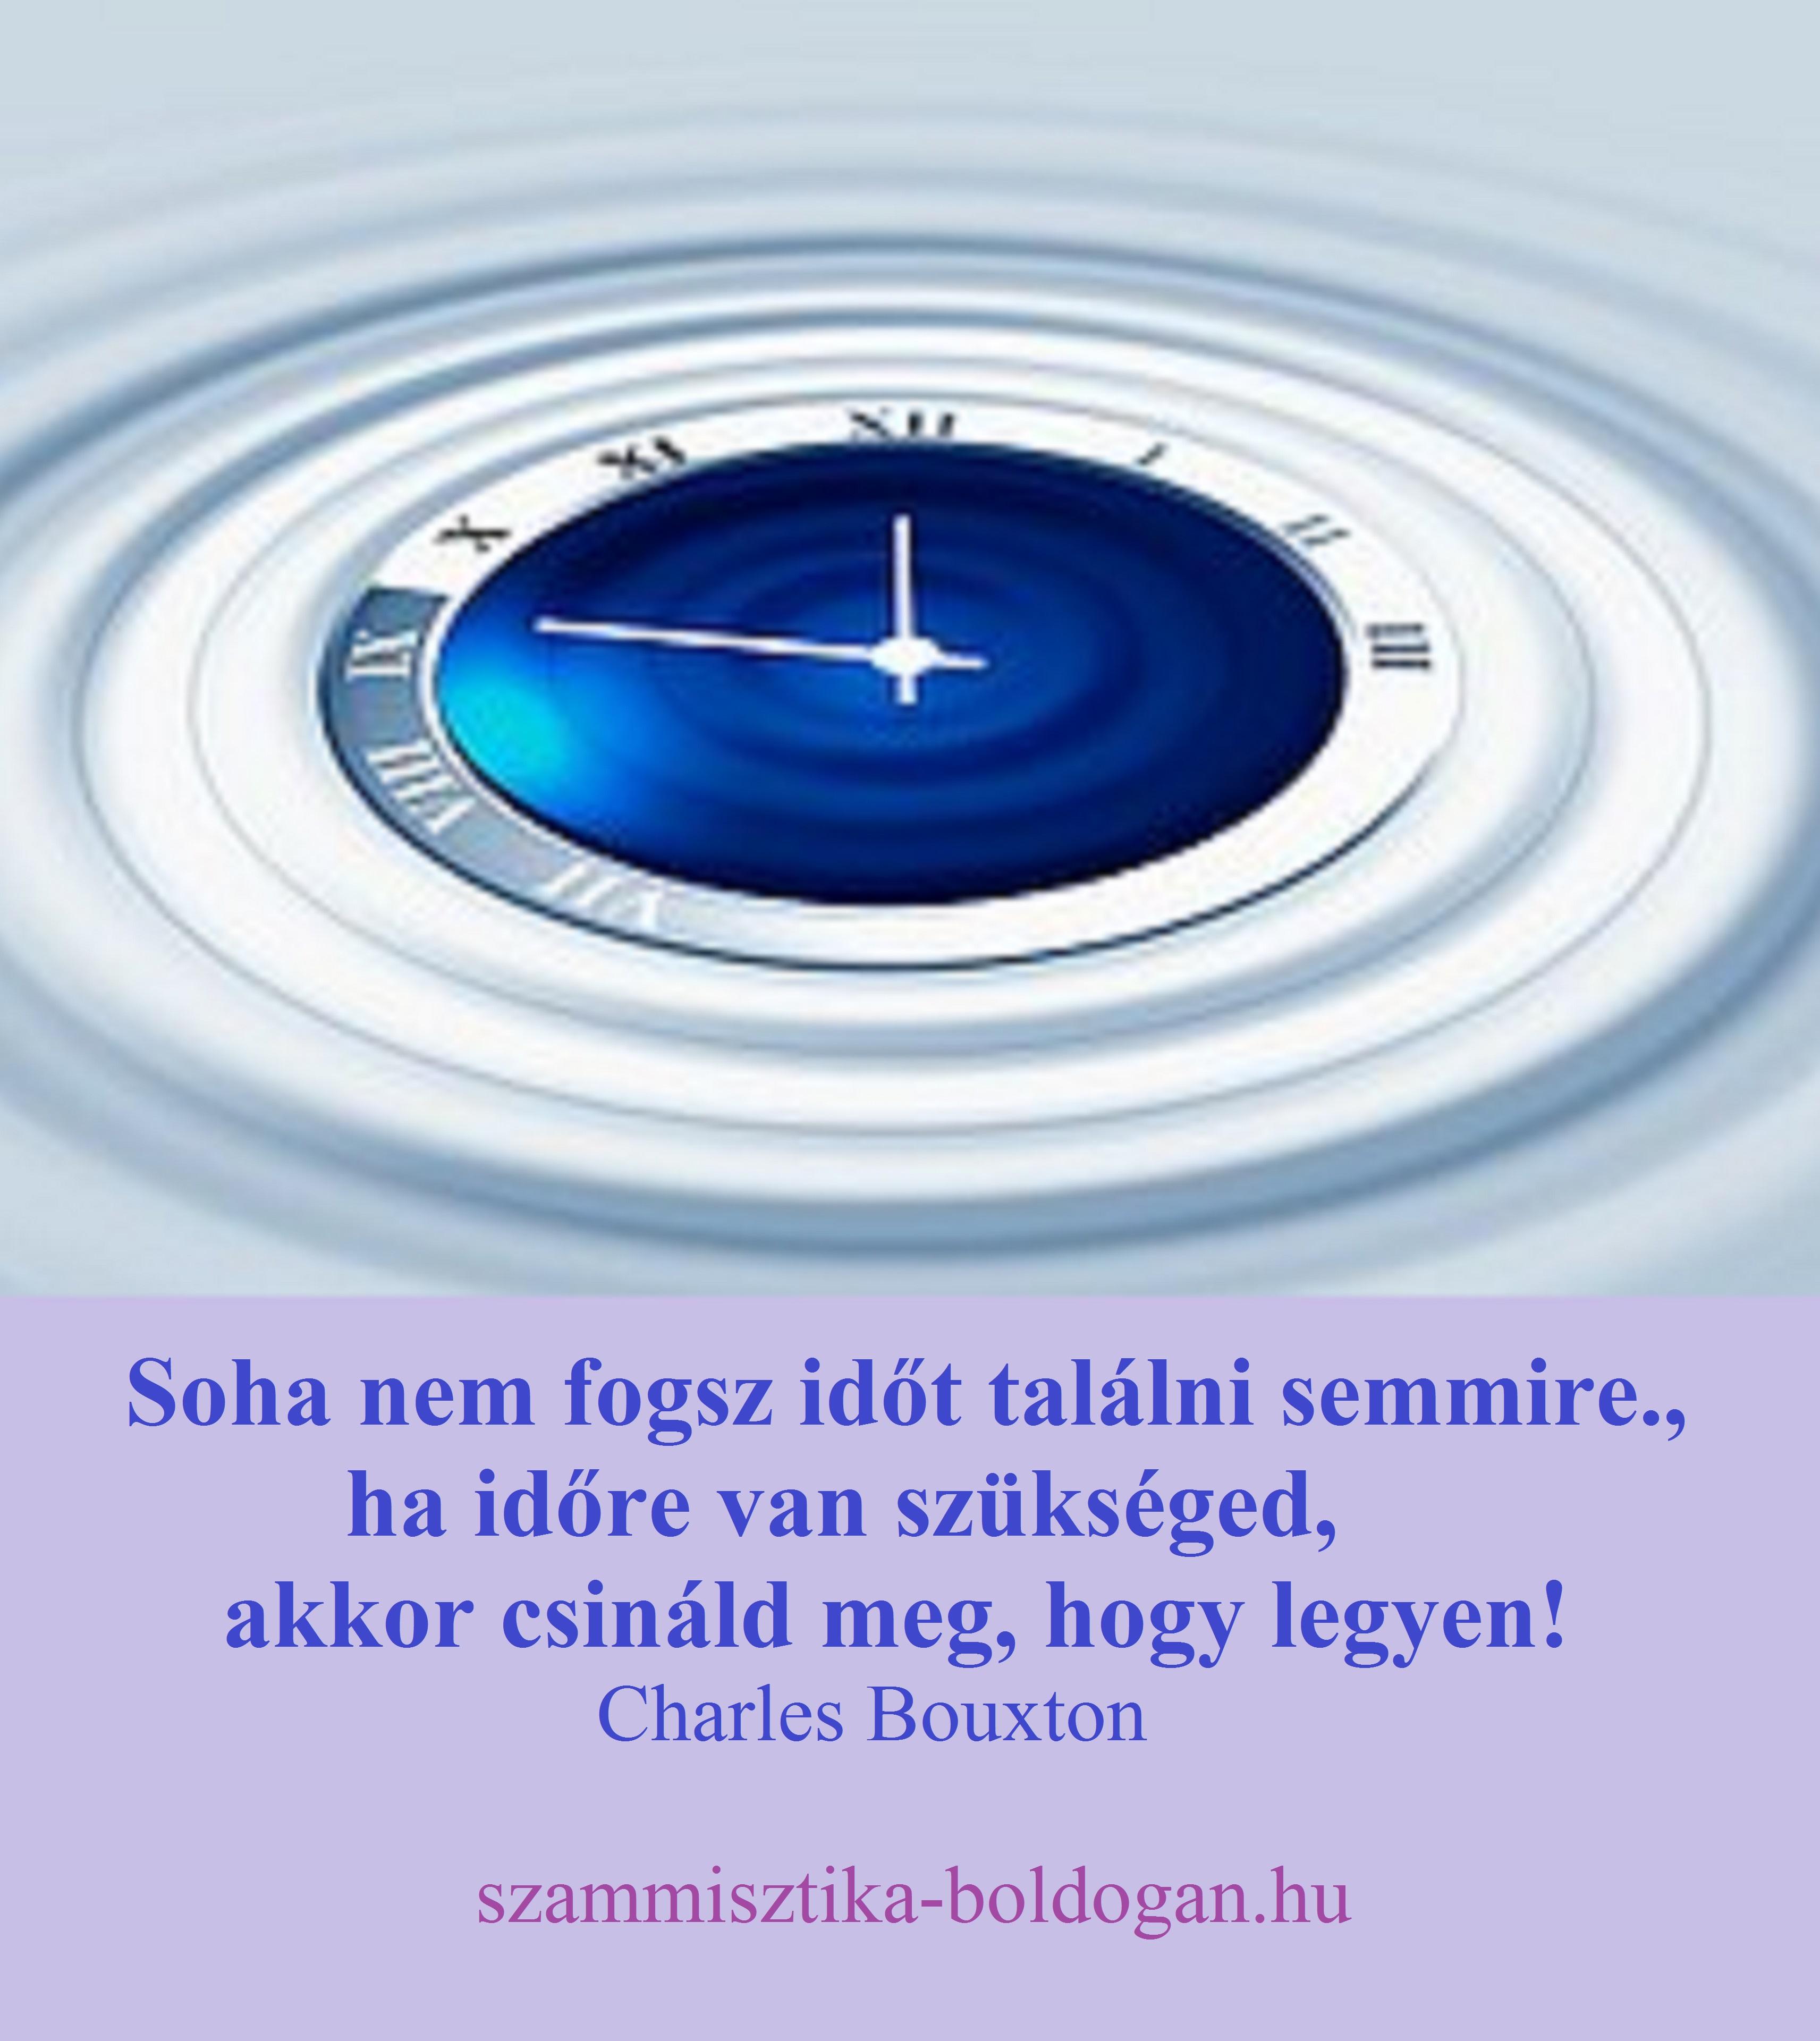 pozitív idézetek képekkel Mai pozitív mondatok, idézetek, képek:   Étel és élet